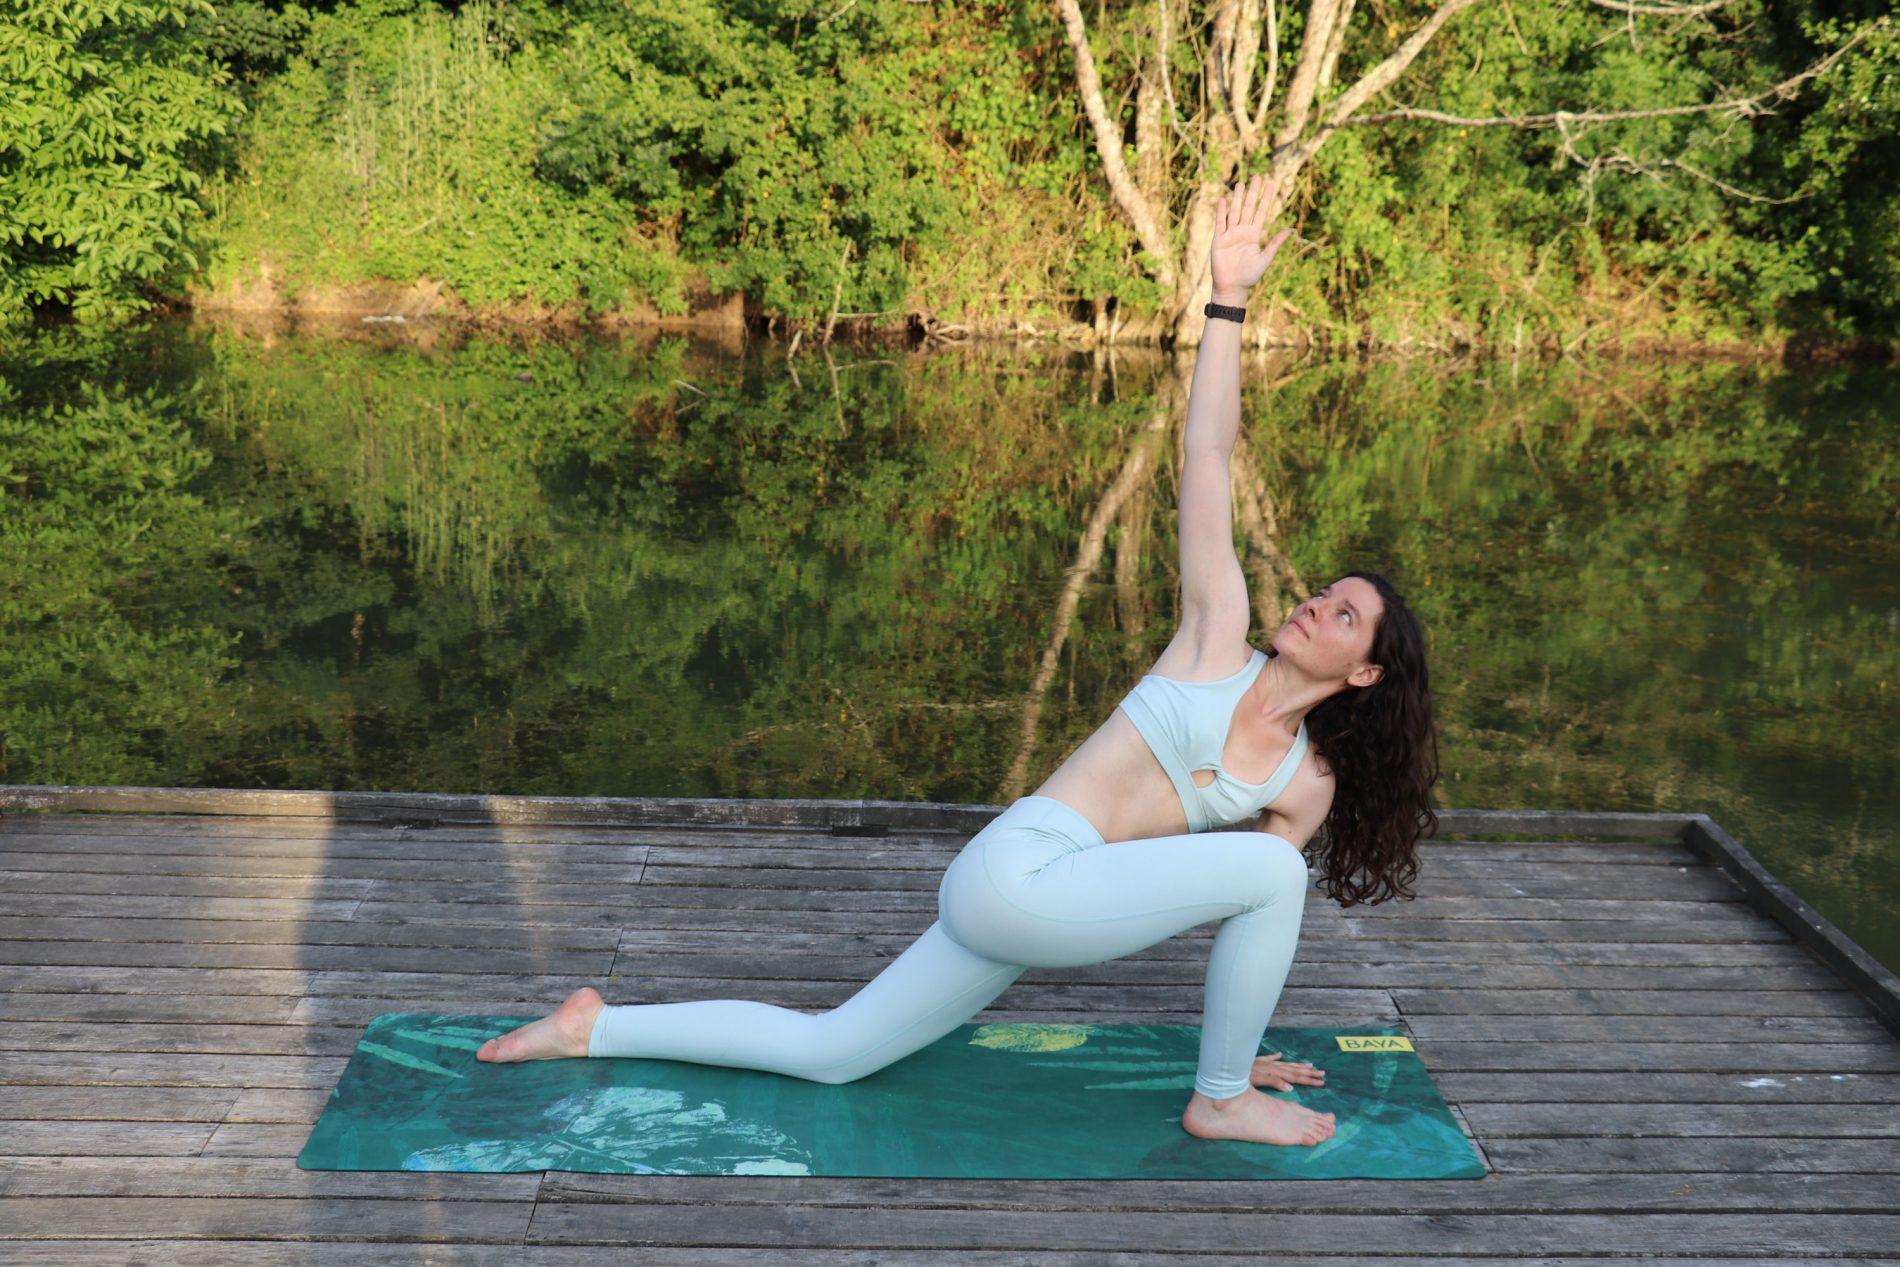 blabla yoguique, discussions et réflexions autour du yoga